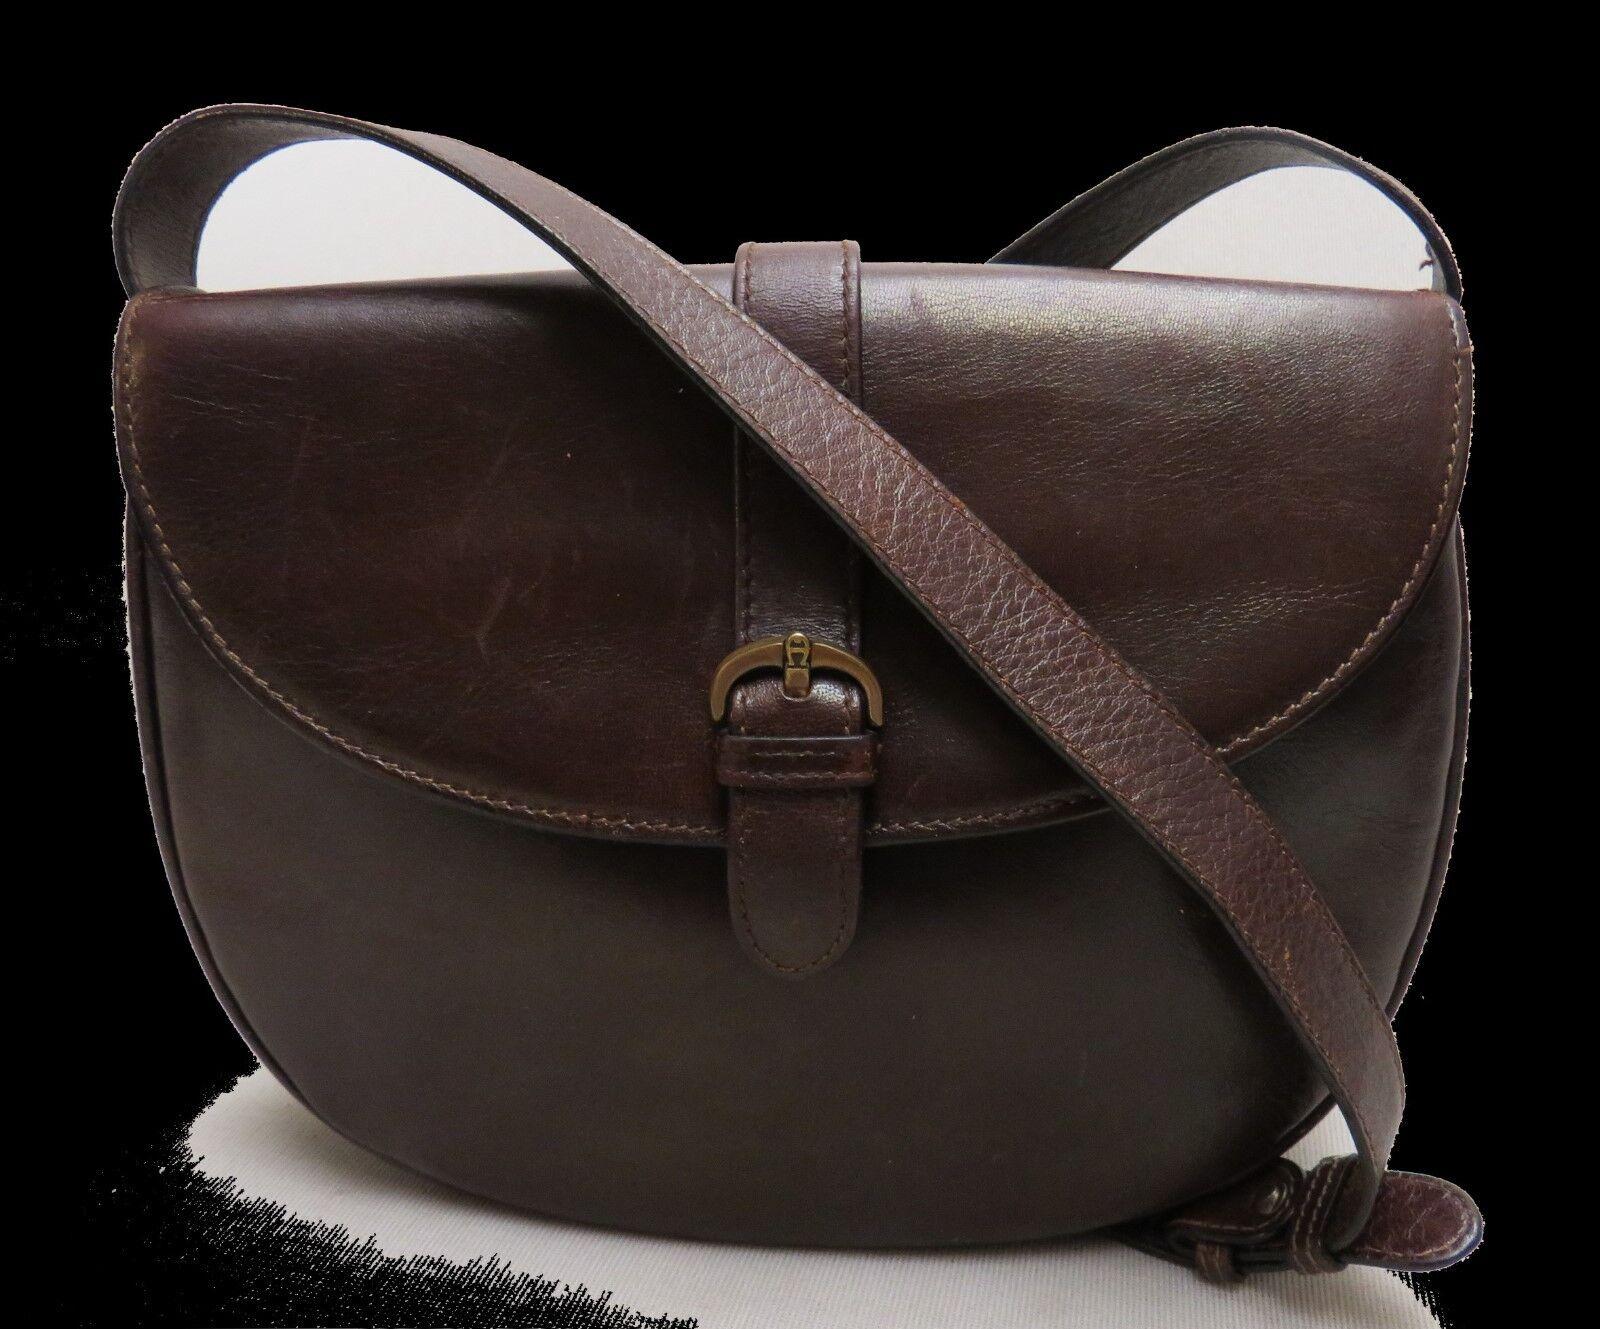 AIGNER Handtasche HOCHWERTIG Abendtasche SCHULTERTASCHE Leder LEDERTASCHE Braun  | Elegantes und robustes Menü